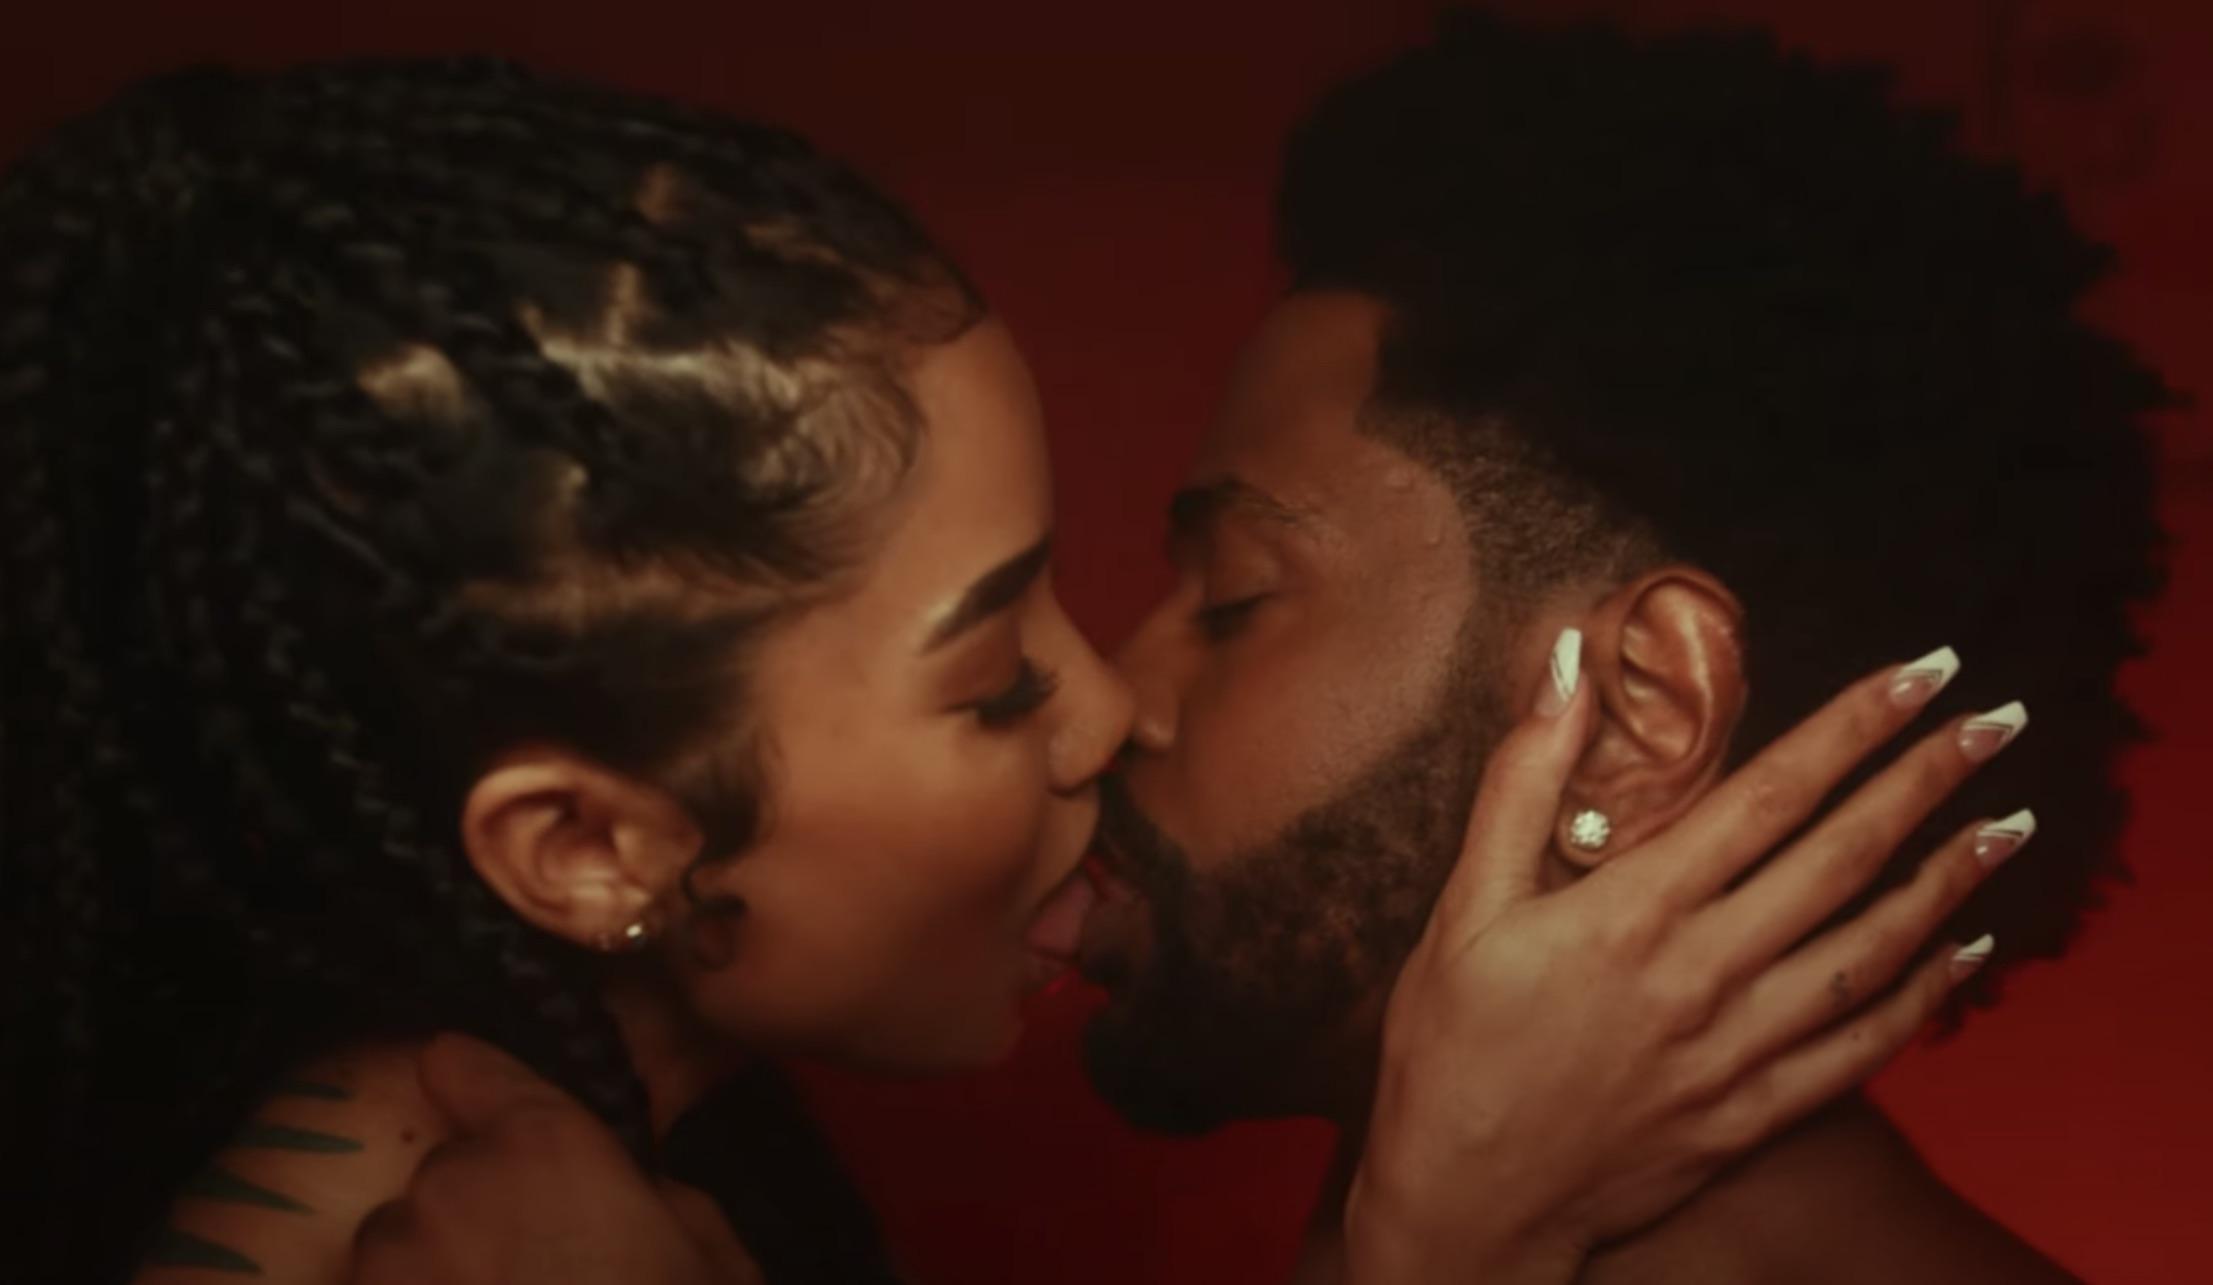 Entertainment: Big Sean – Body Language ft. Ty Dolla $ign, Jhené Aiko